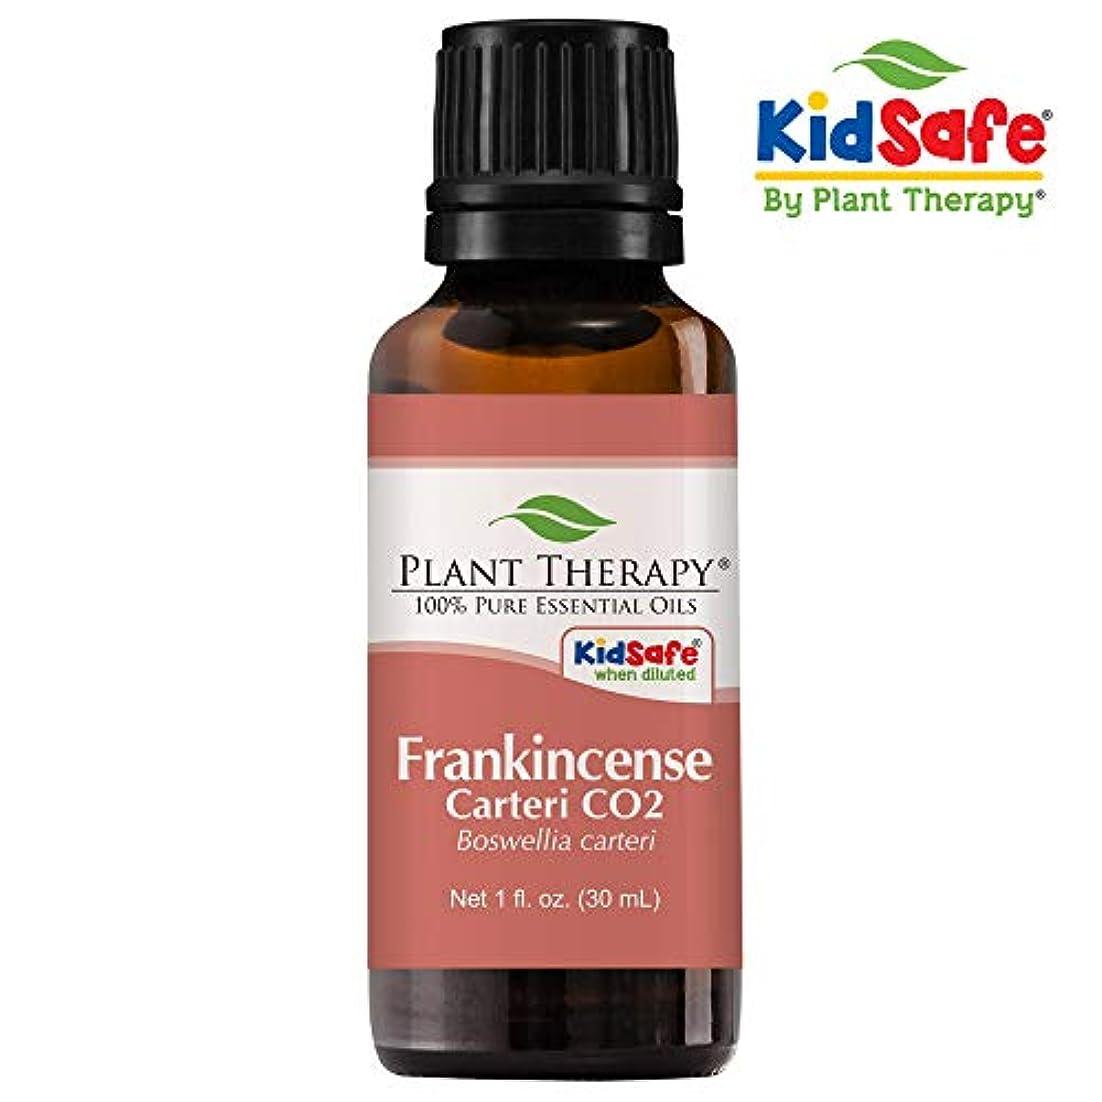 付き添い人かわいらしいお勧めフランキンセンスCarteri CO2 30 mLのエッセンシャルオイル100%ピュア、治療グレード